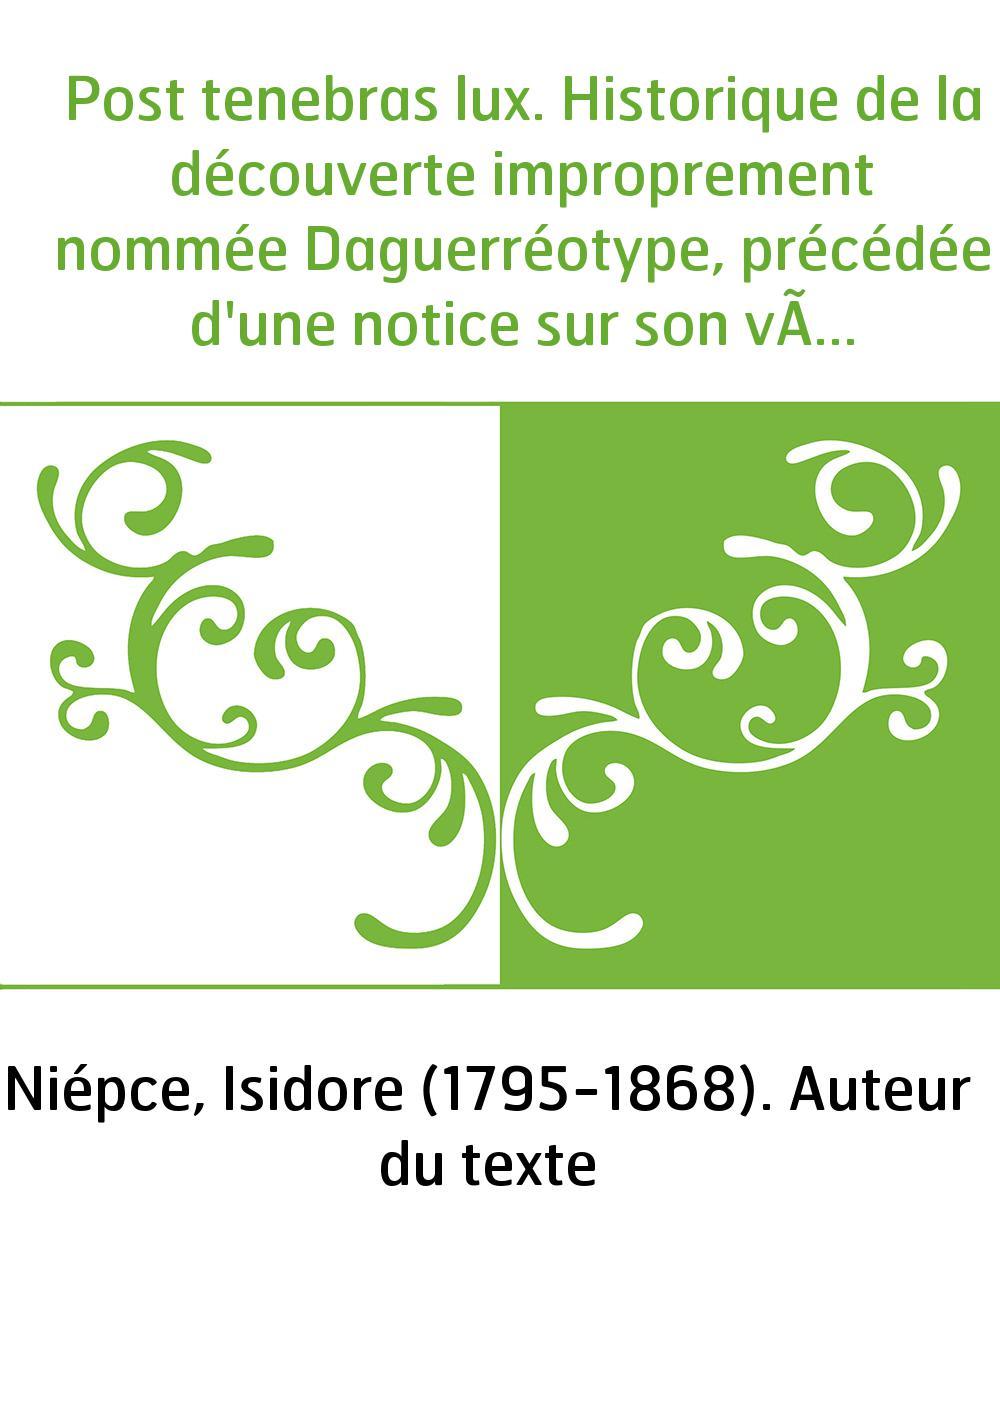 Post tenebras lux. Historique de la découverte improprement nommée Daguerréotype, précédée d'une notice sur son véritable invent